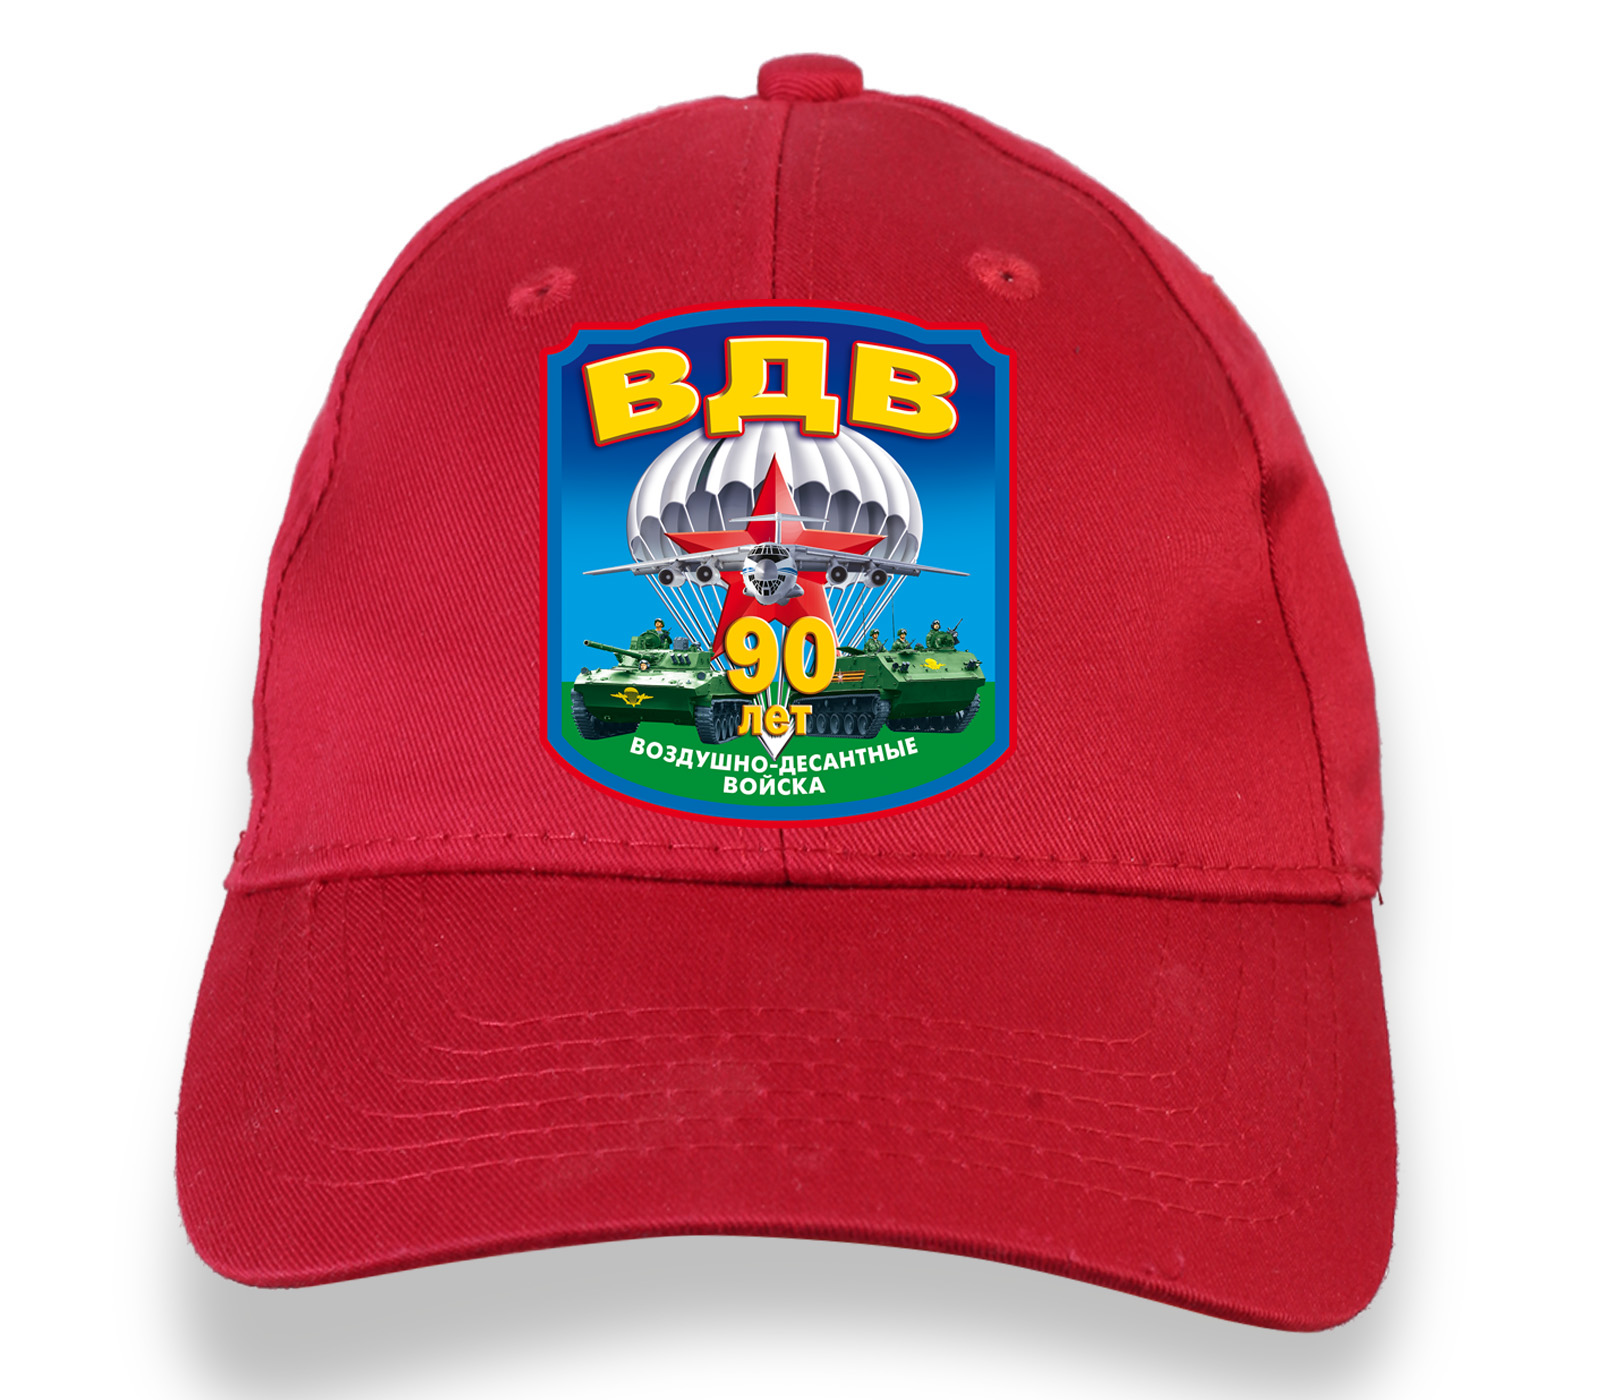 Купить красную бейсболку с термотрансфером ВДВ 90 в подарок